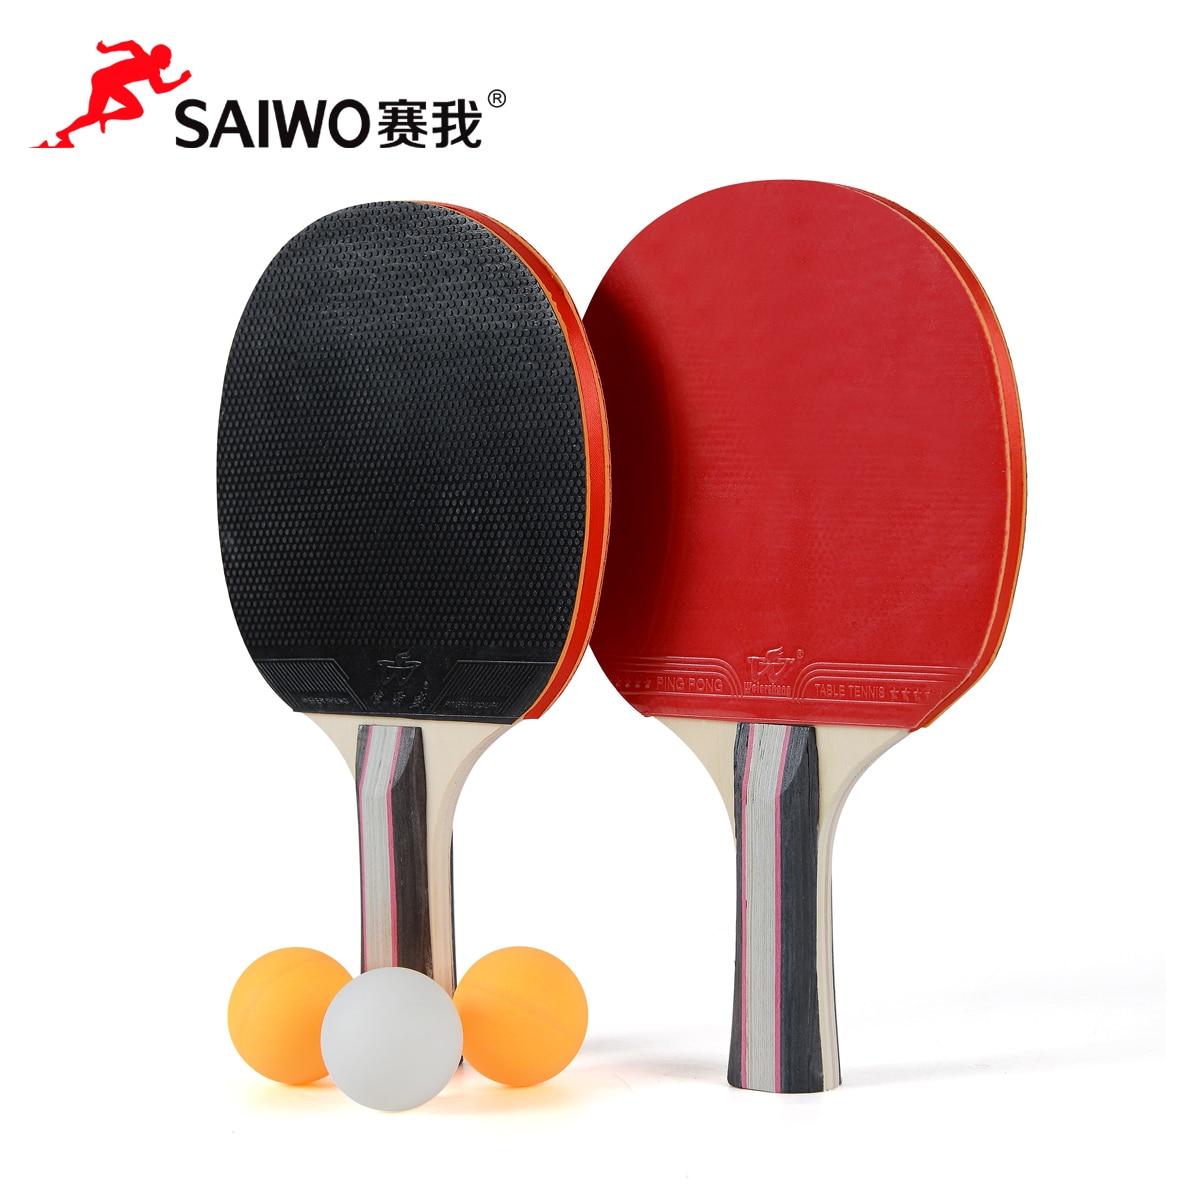 Bordtennis Bolltennisboll färdiga produkter 2 3 Boll 1 set Ping Pong Paddle Lång / Korthäftig Bordtennis Rakett